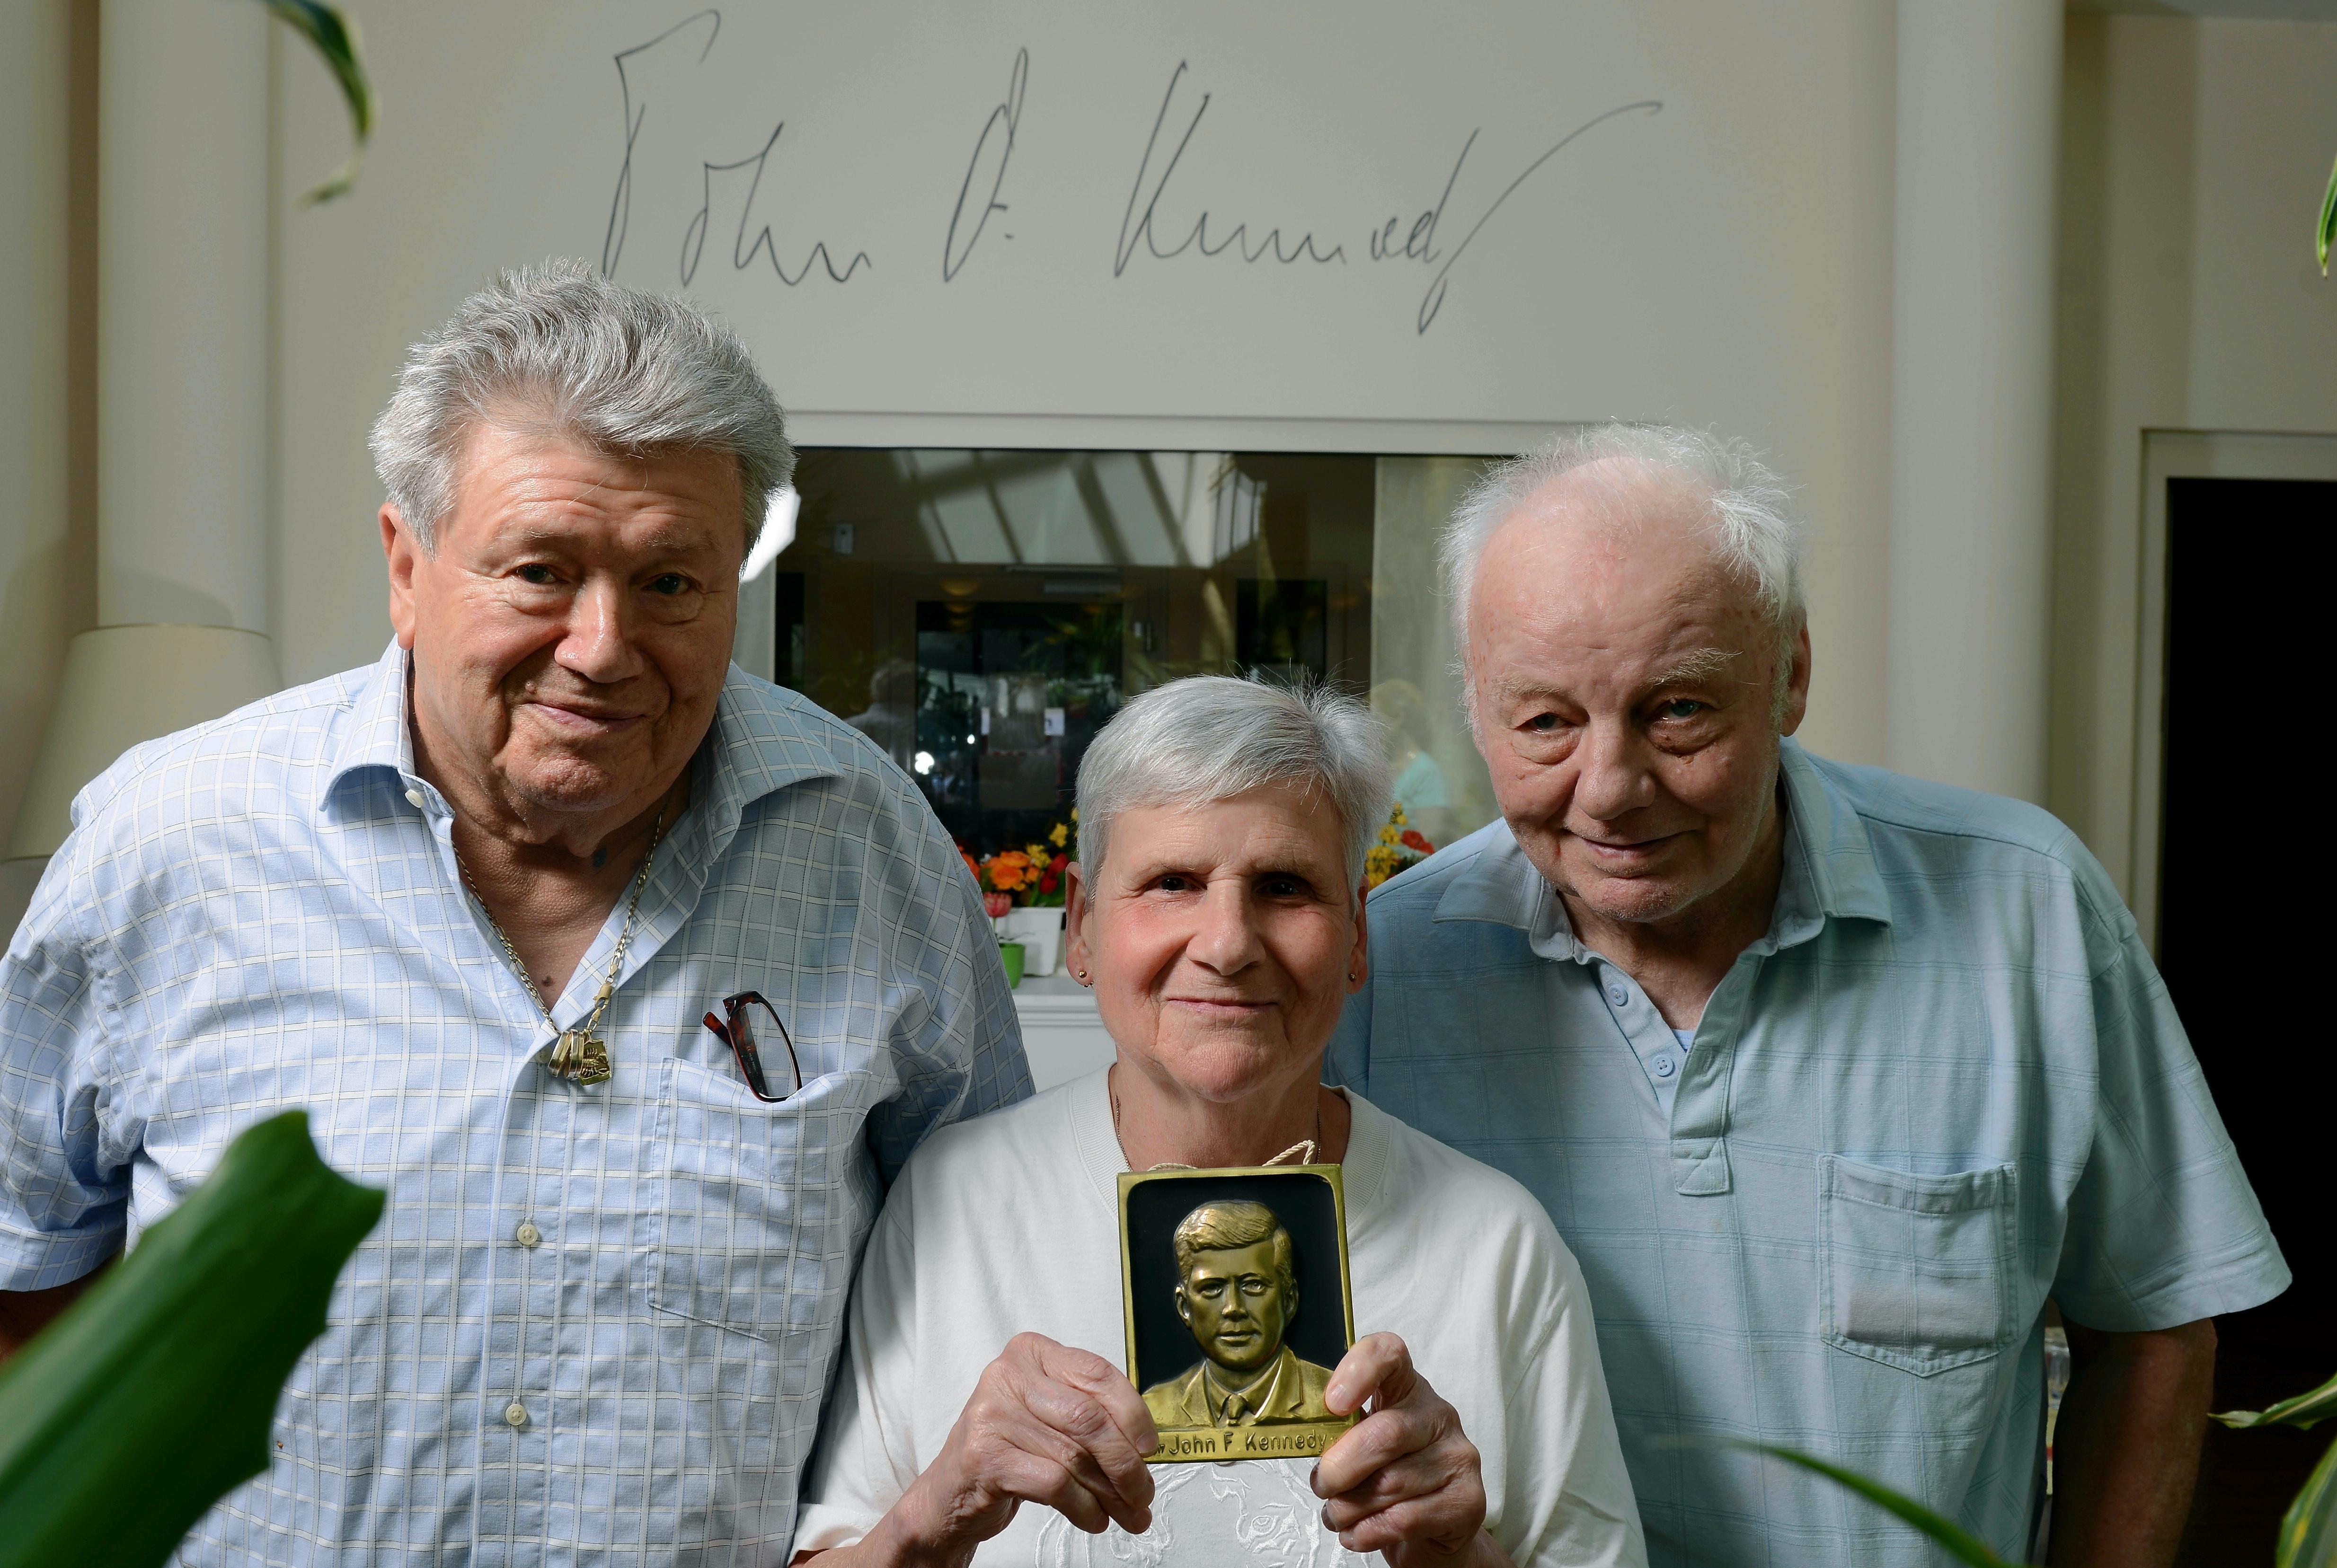 Die Bewohner des Senniorenheims: Werner Doelle, Edith Attikpoè und Karl-H. Hoffmann (v.l.) sind Fans von Kennedy